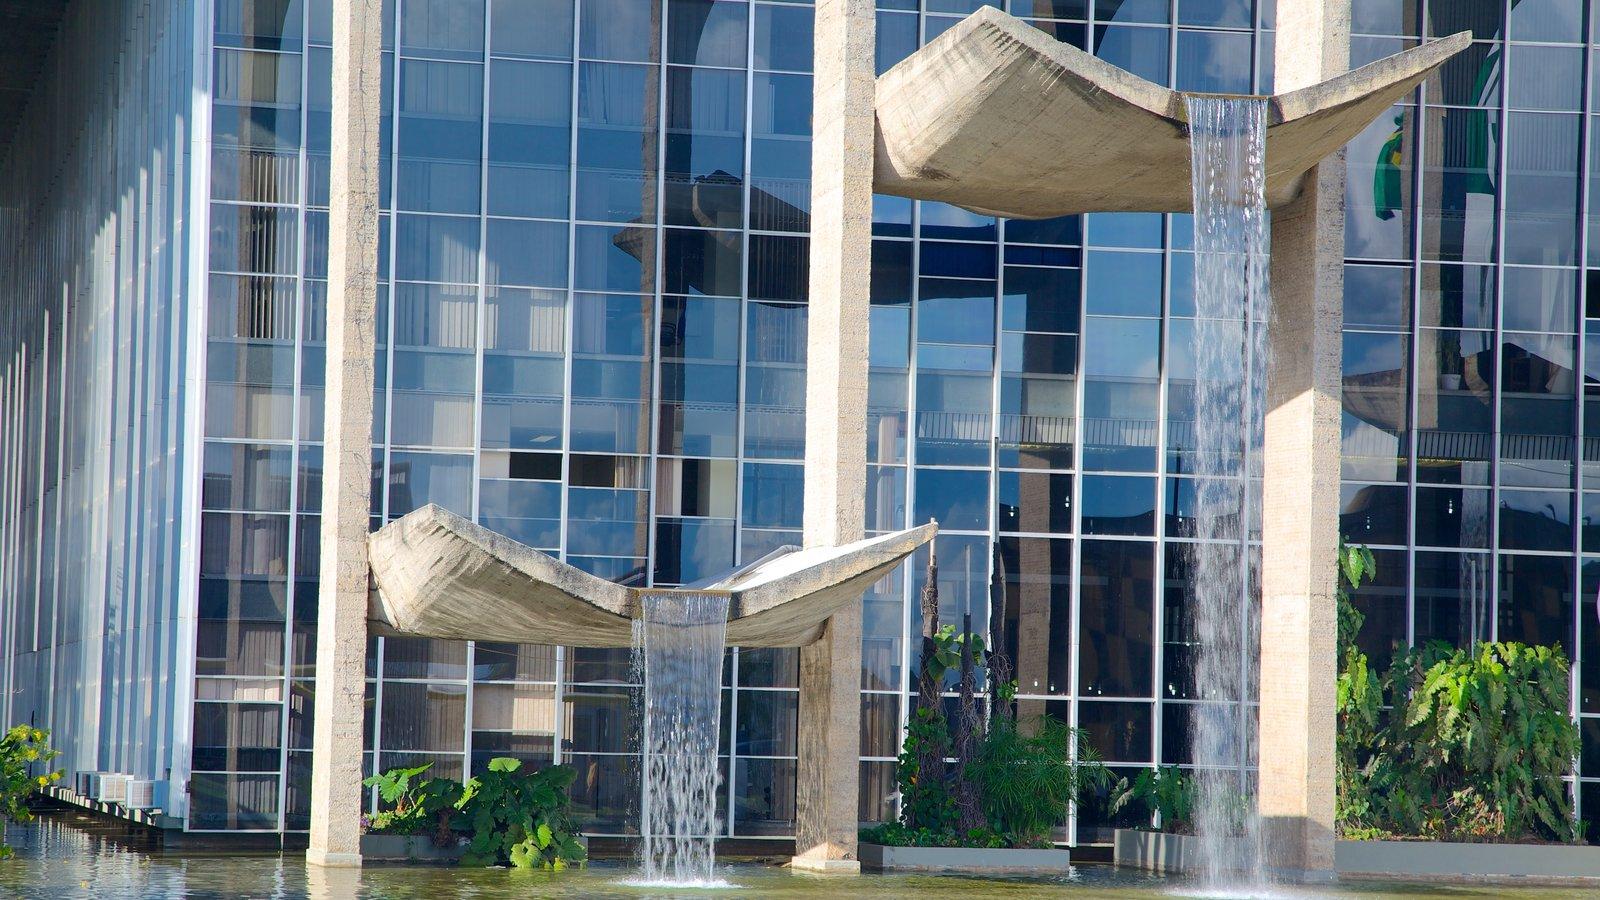 Palácio de Justiça caracterizando arquitetura moderna, uma fonte e cbd